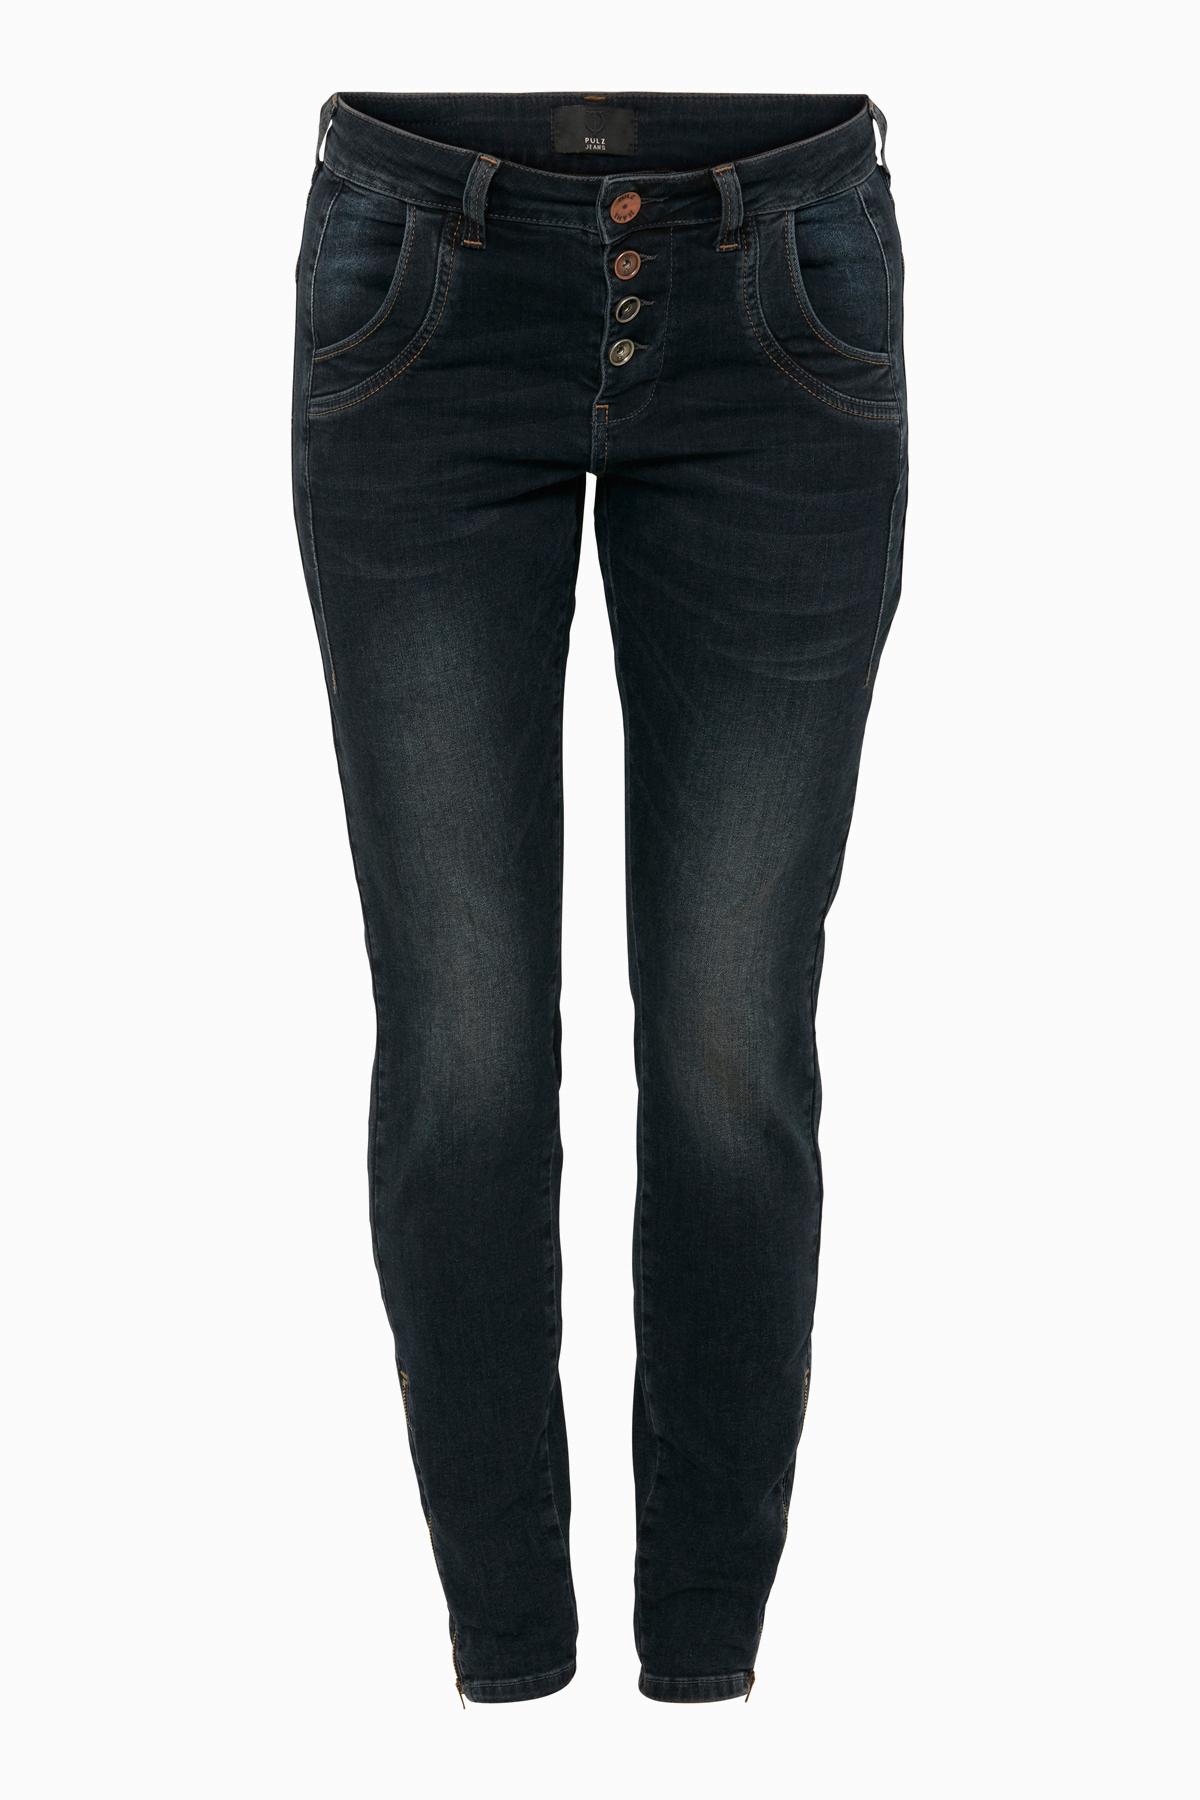 Image of Pulz Jeans Dame Jeans - Mørk denimblå